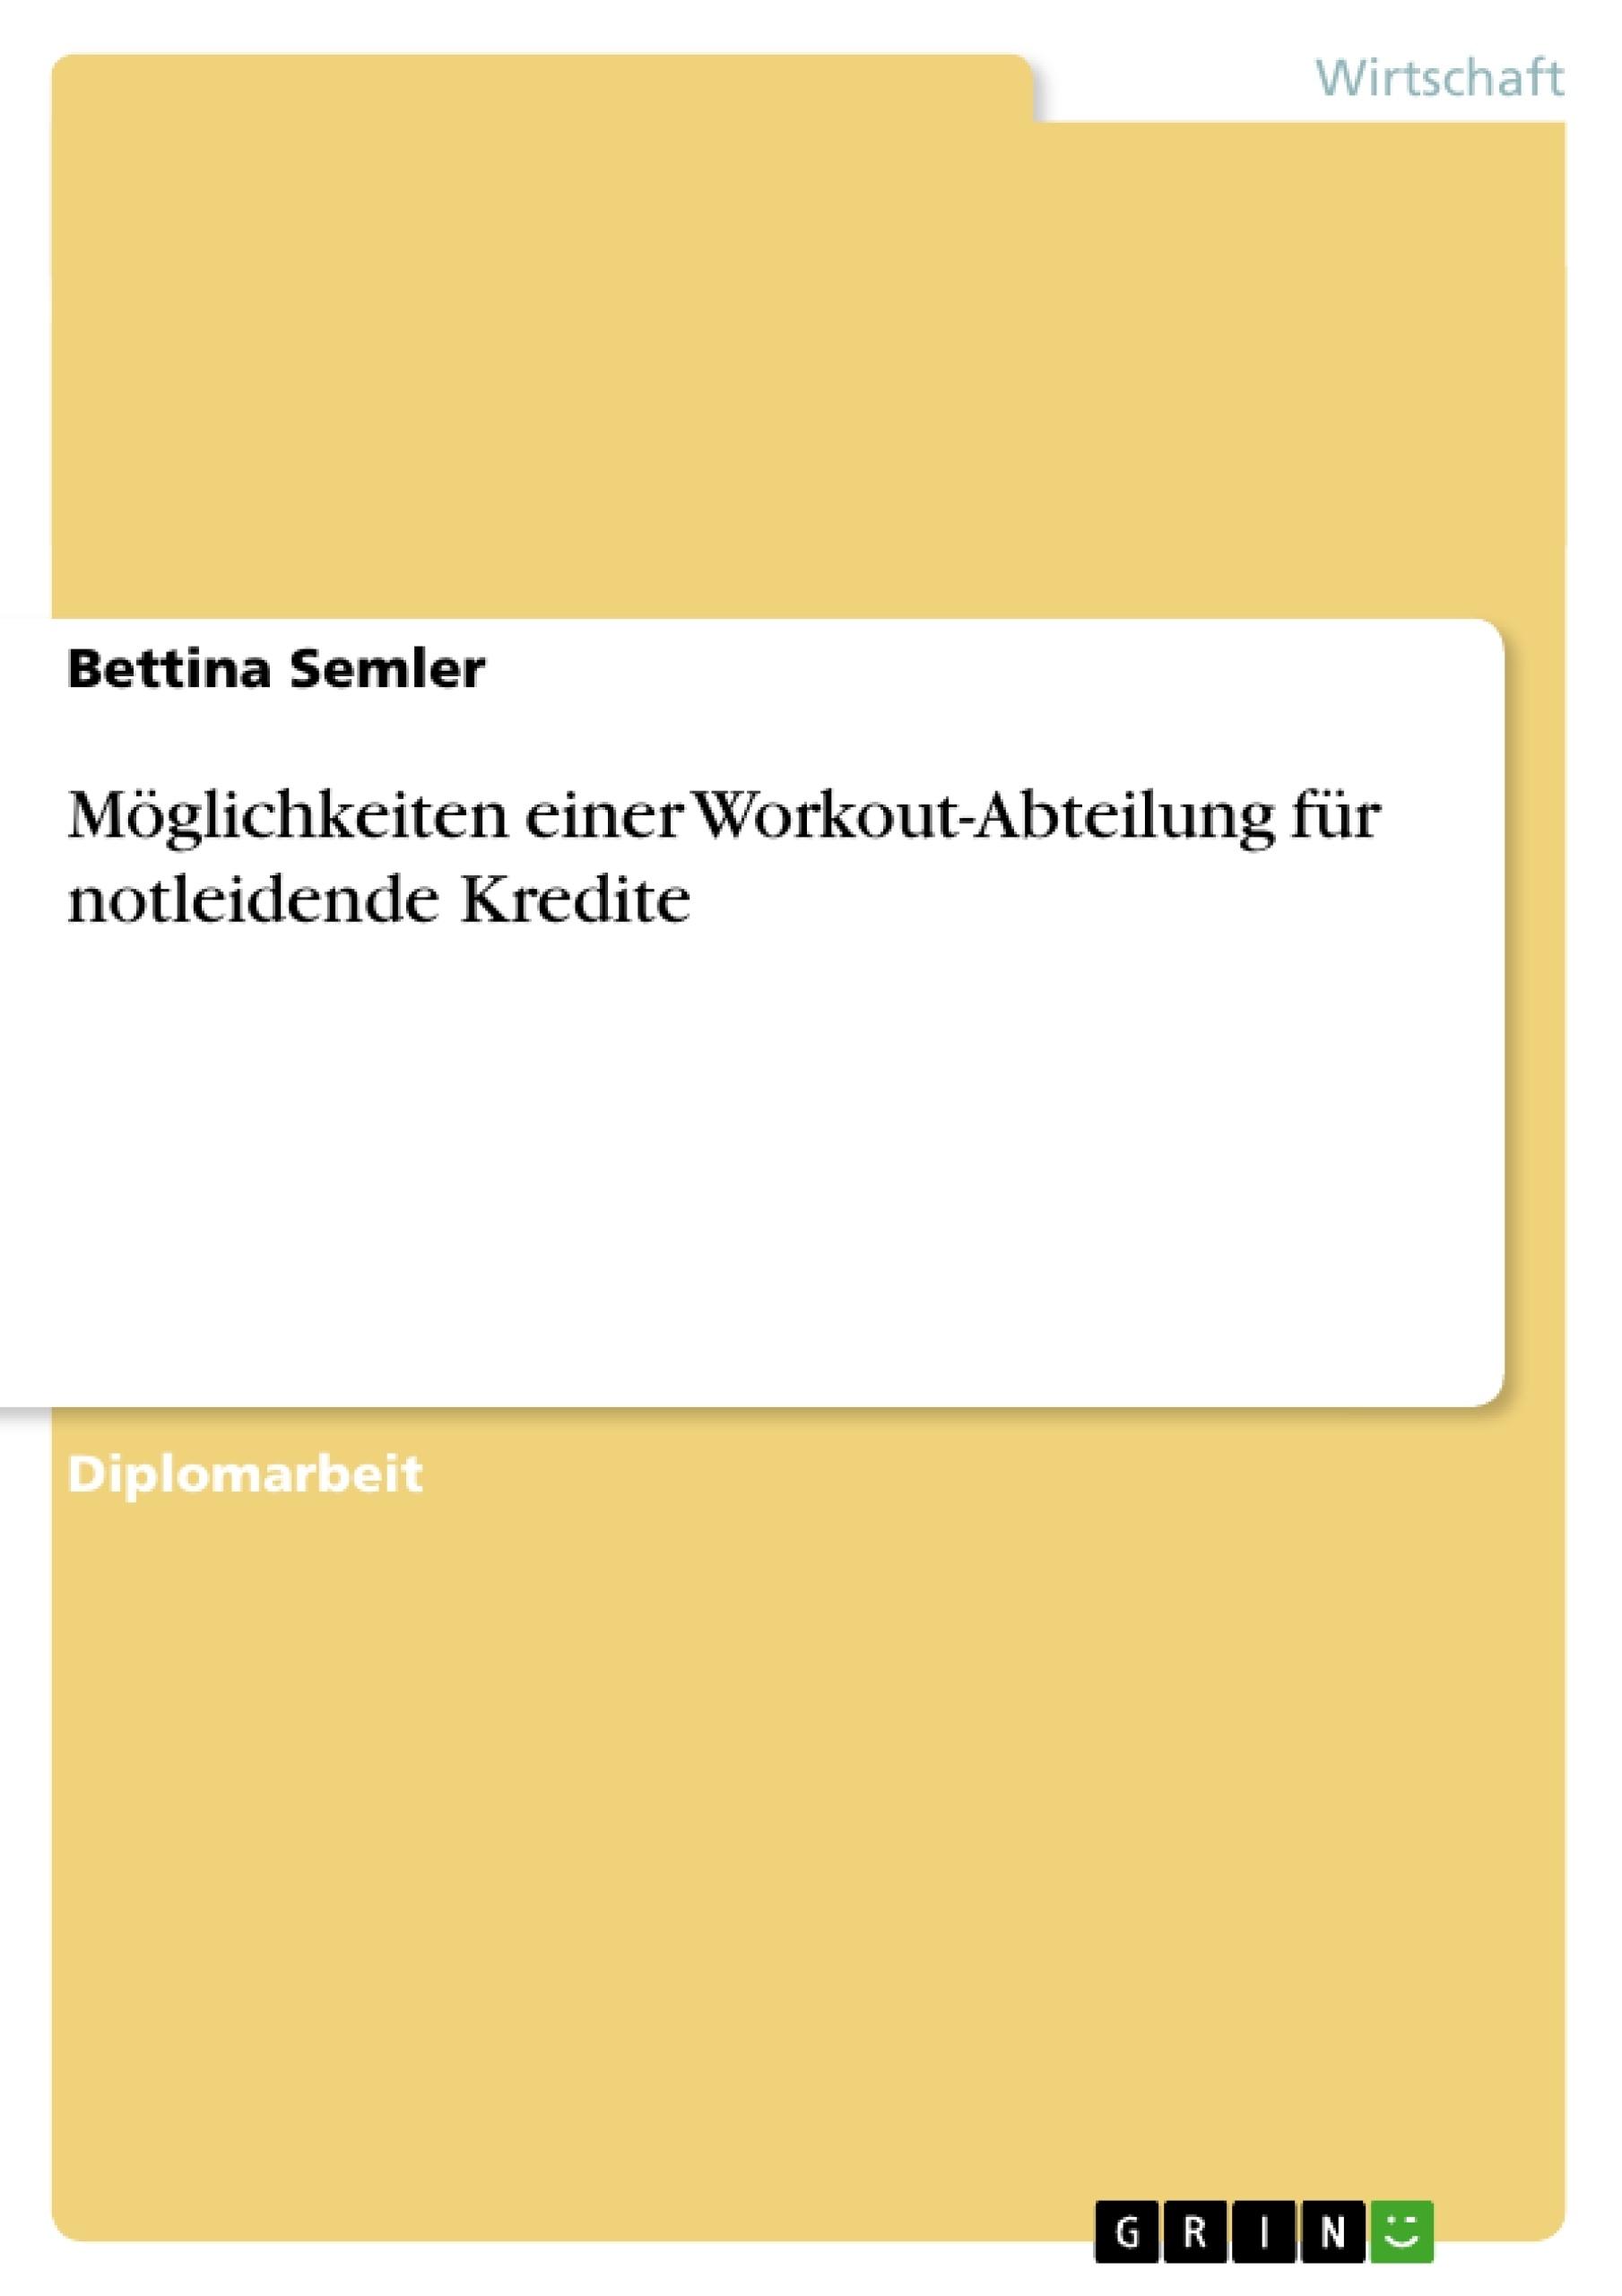 Titel: Möglichkeiten einer Workout-Abteilung für notleidende Kredite